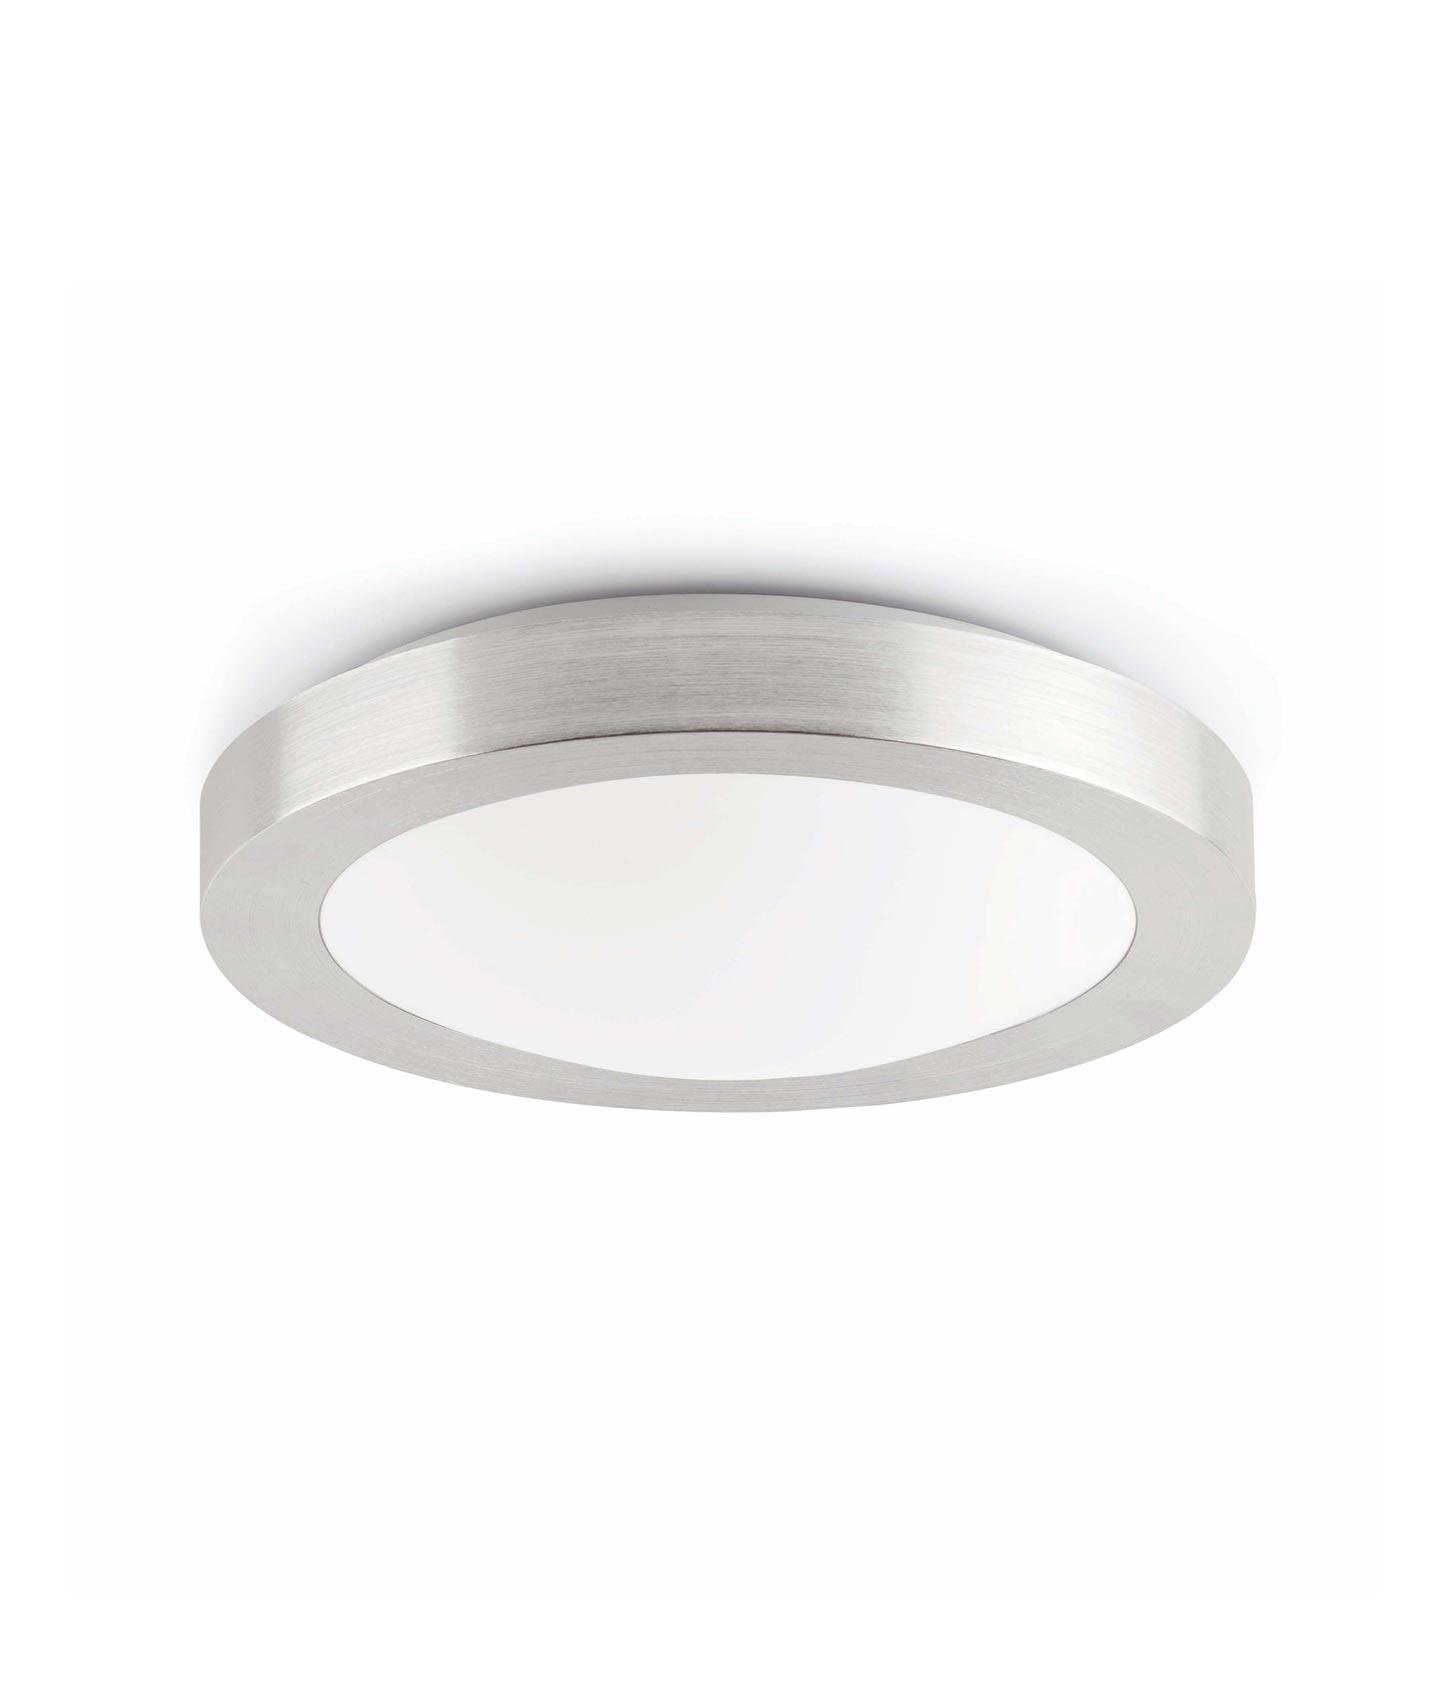 Plafón gris 1 luz LOGOS